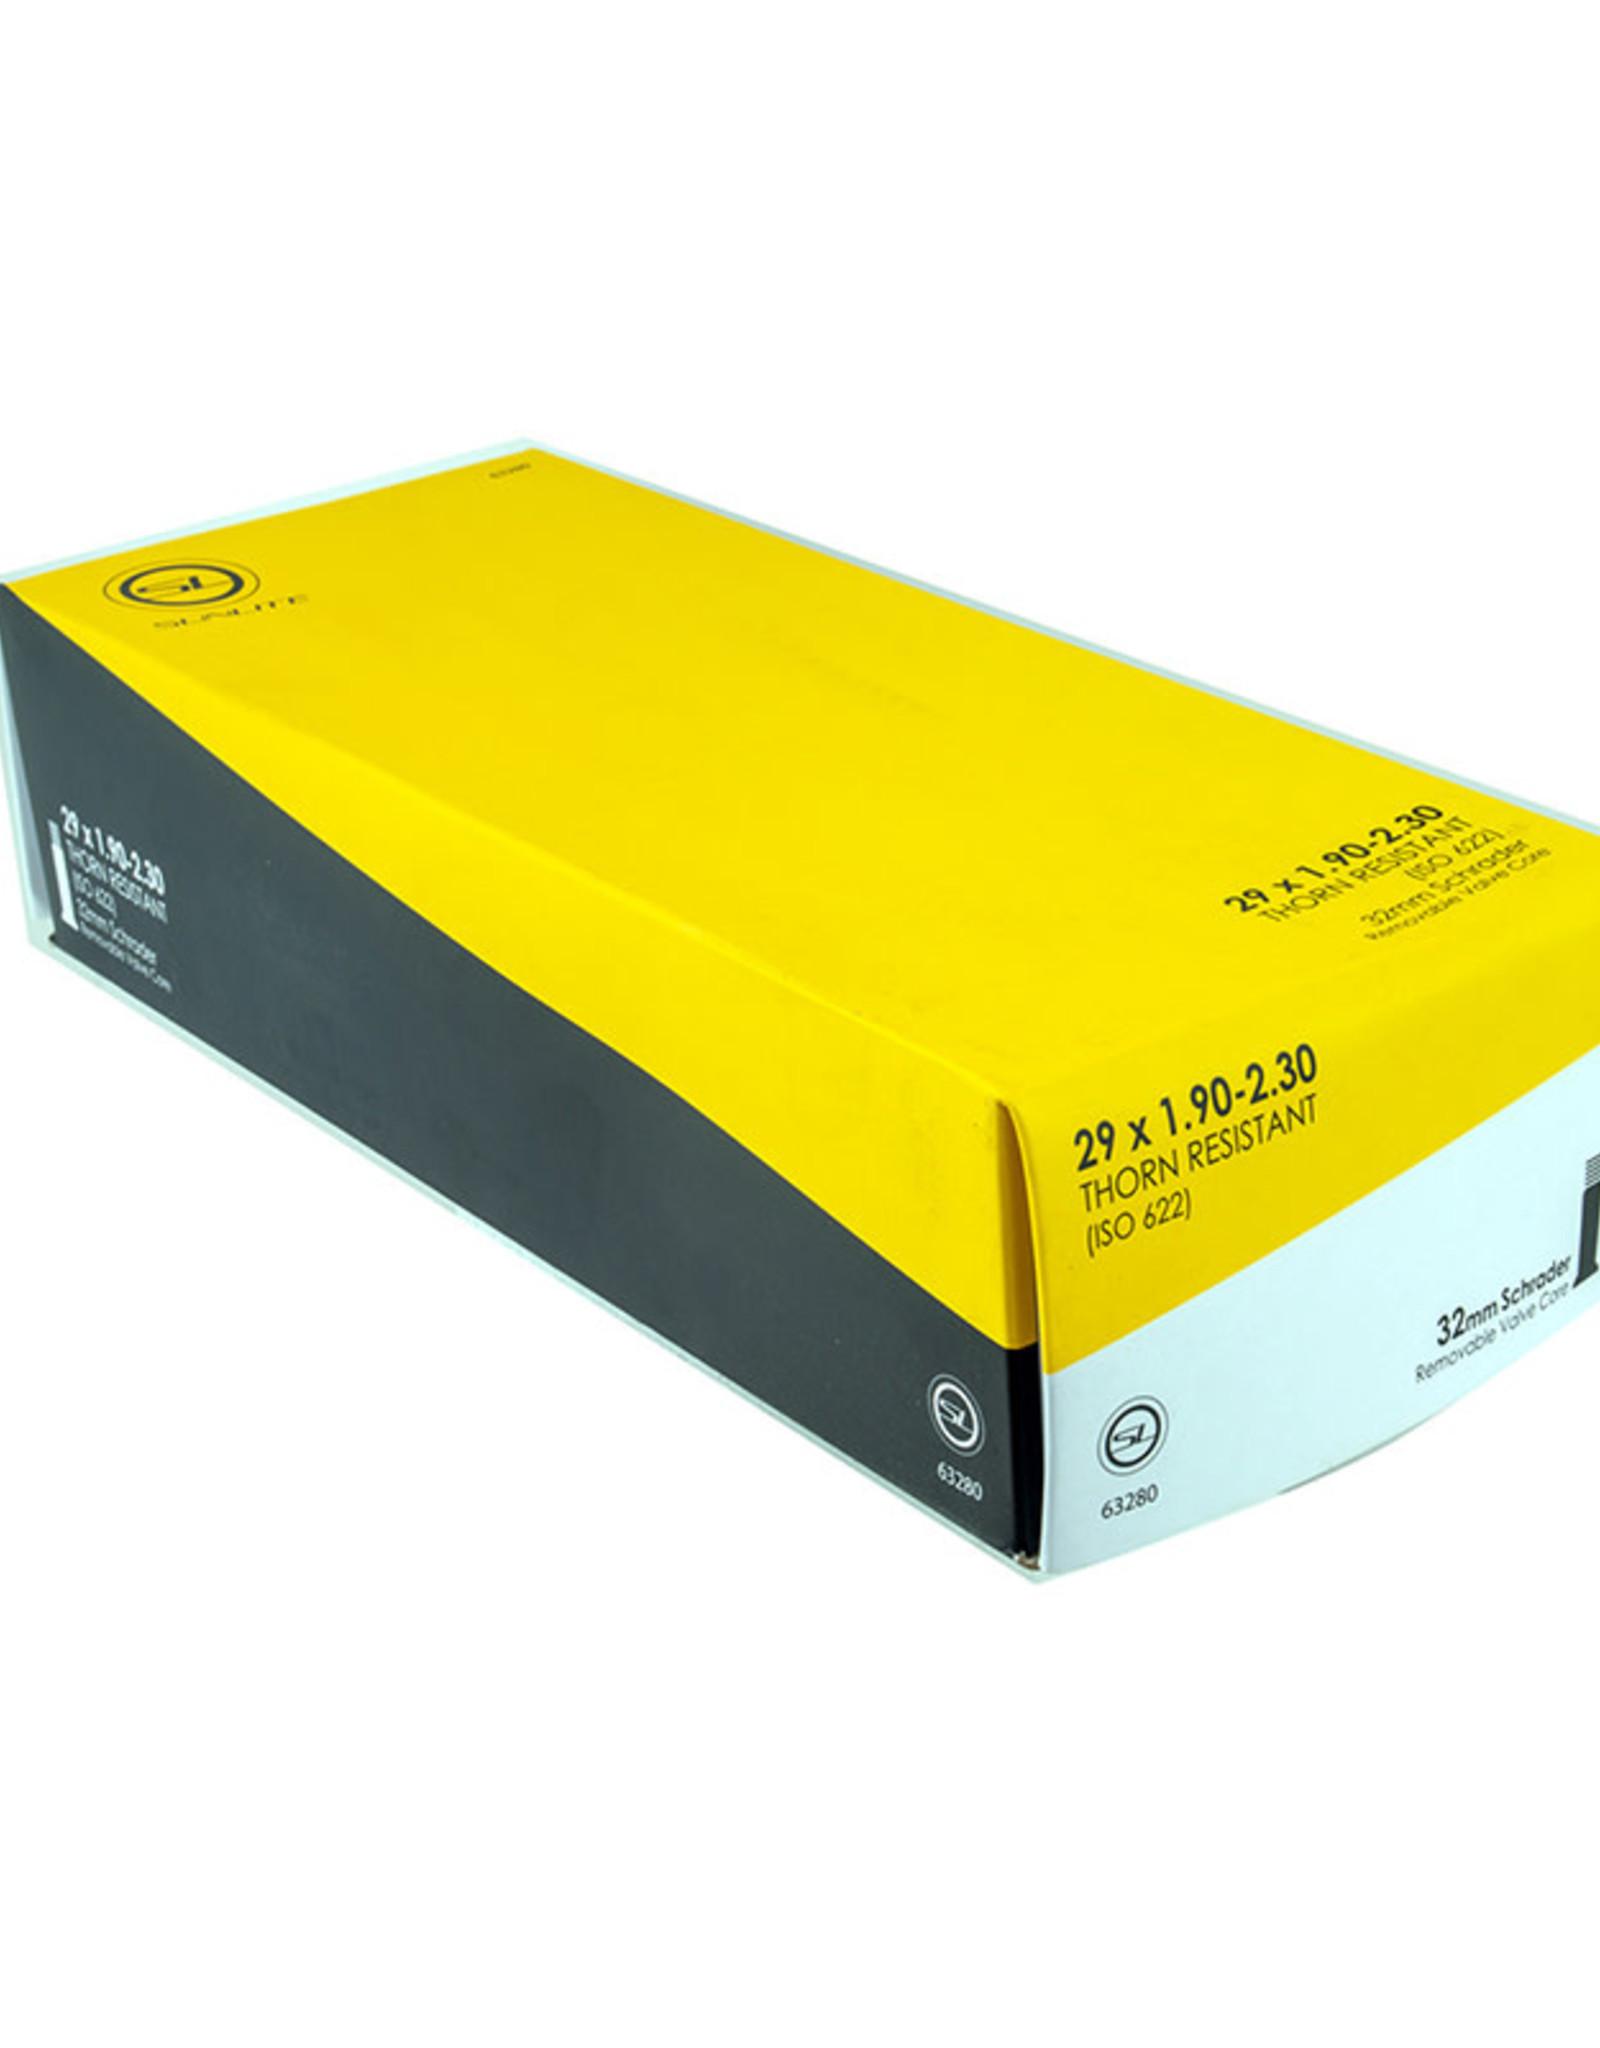 Sunlite Thorn Resistant TUBE 29x1.9-2.30 SV 32mm